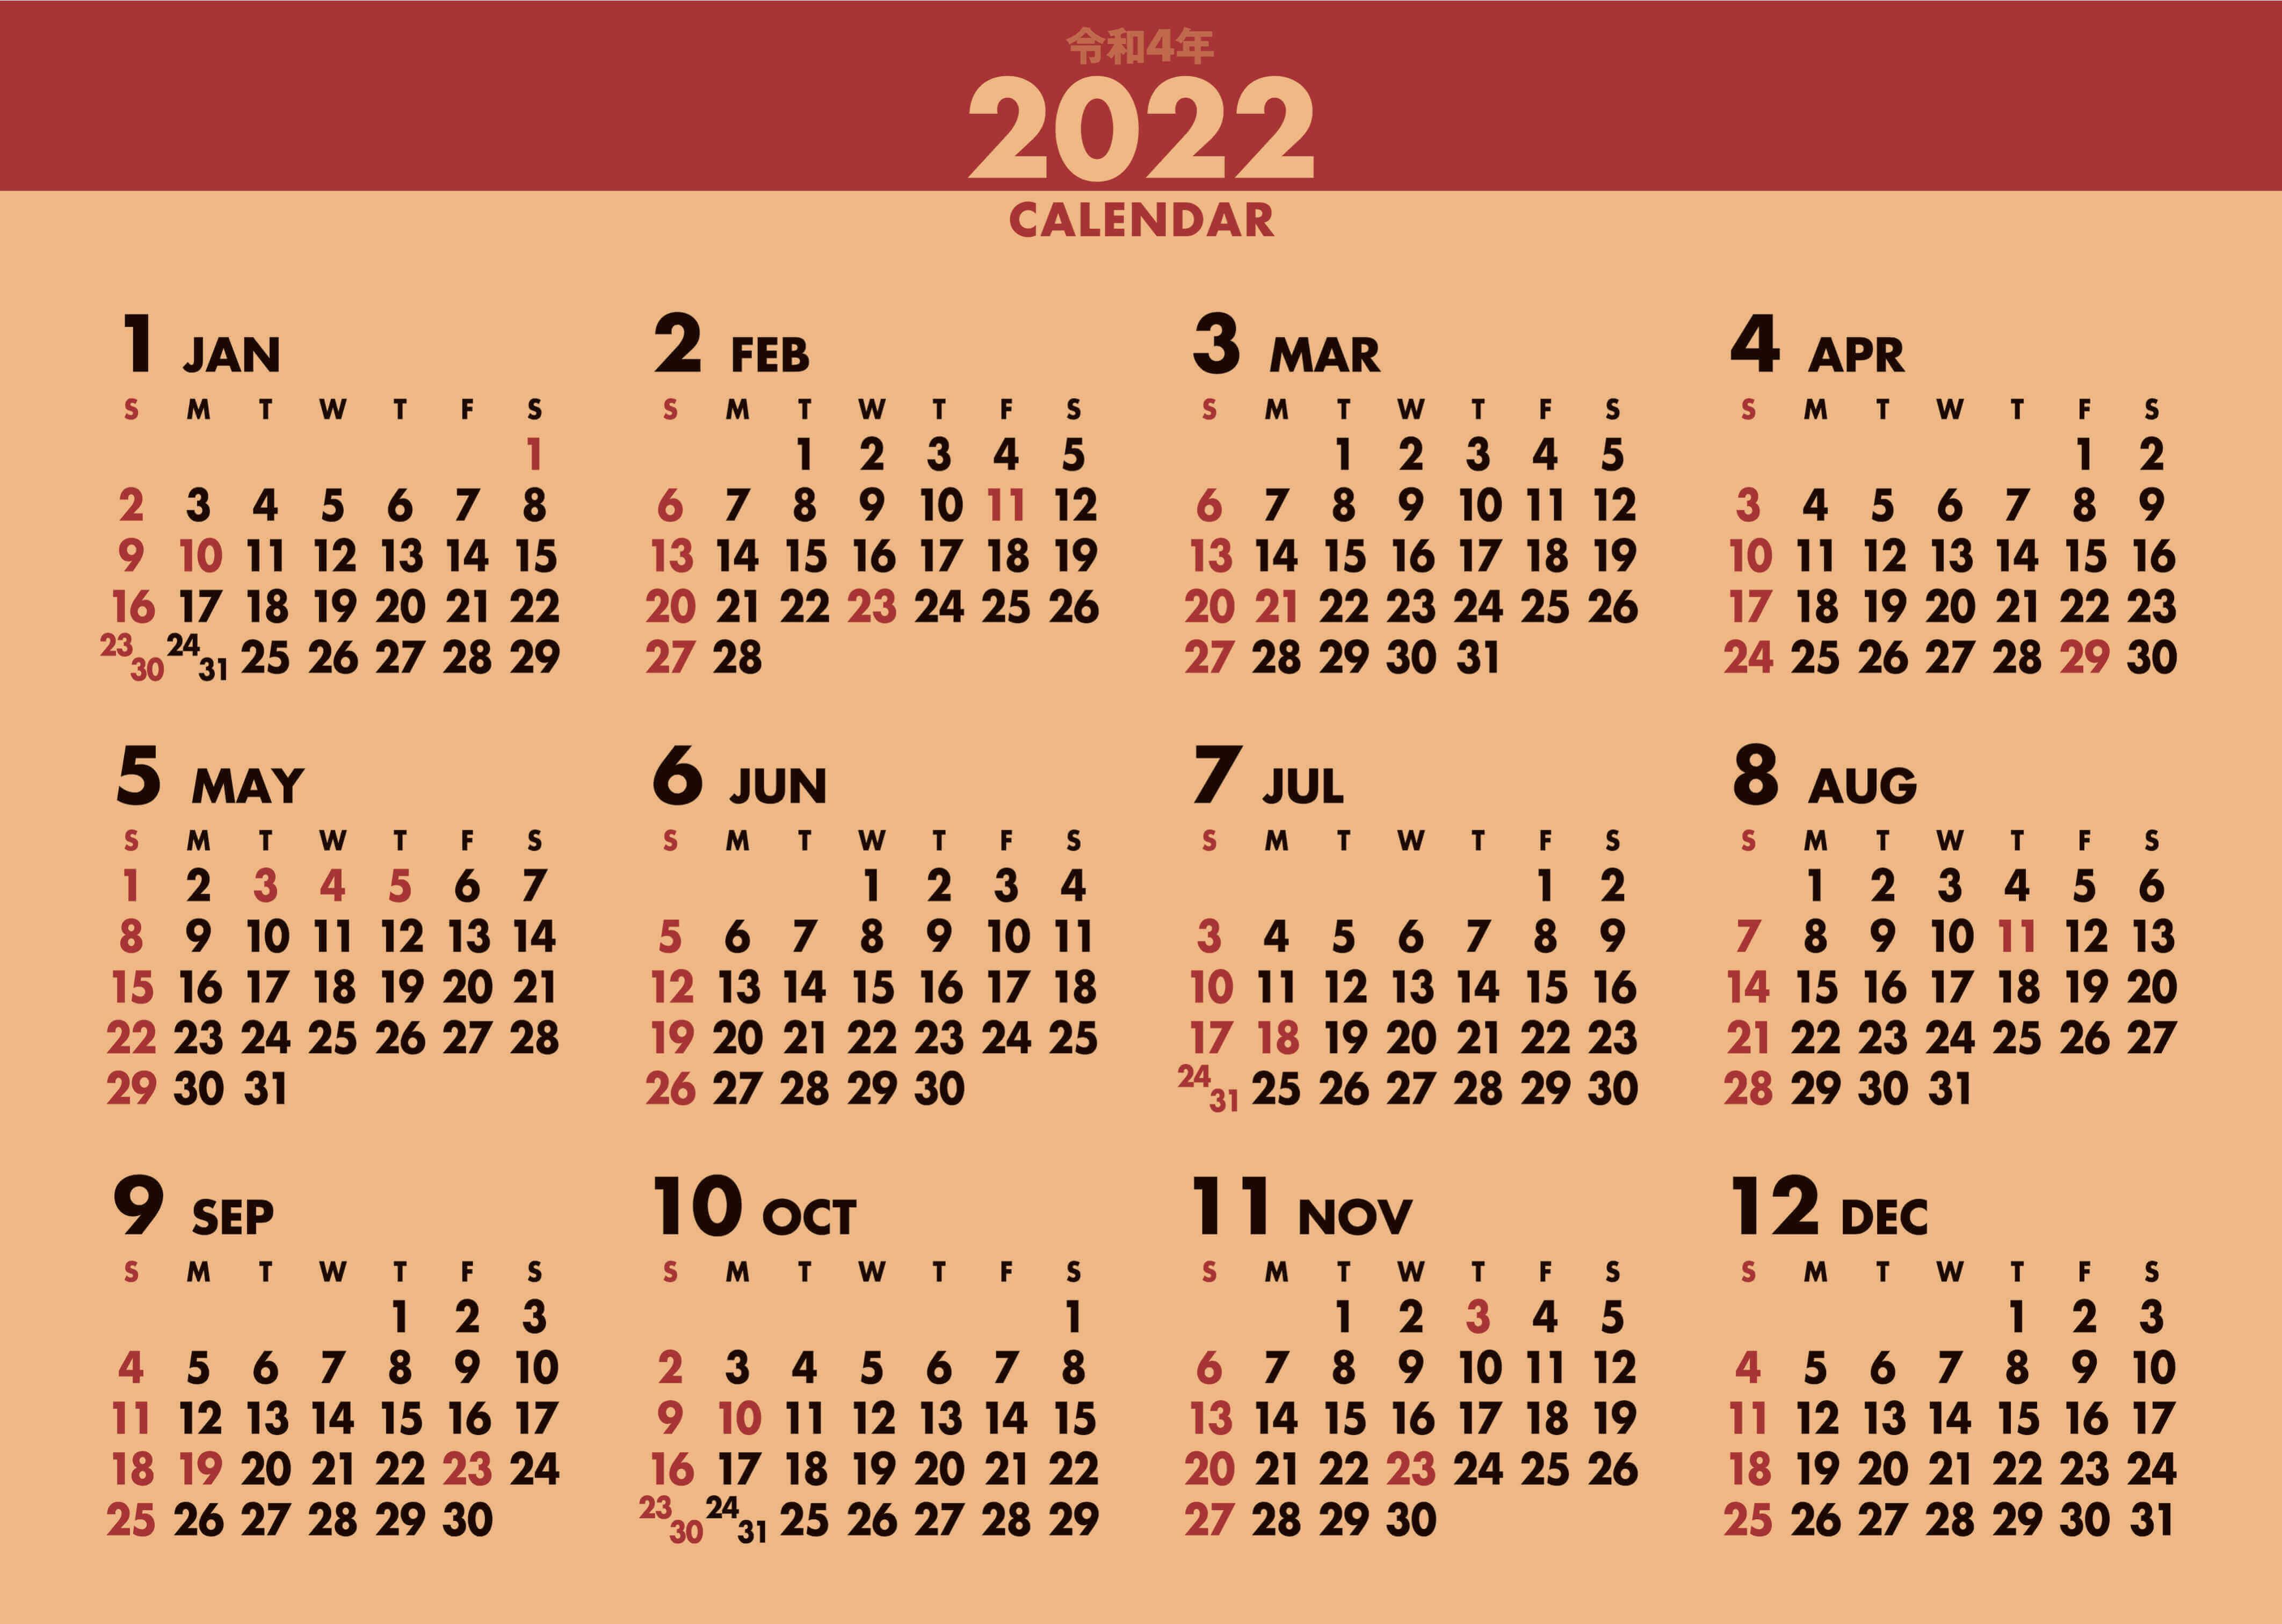 12月の裏面 デスクスタンド・クラフト 2022年カレンダーの画像